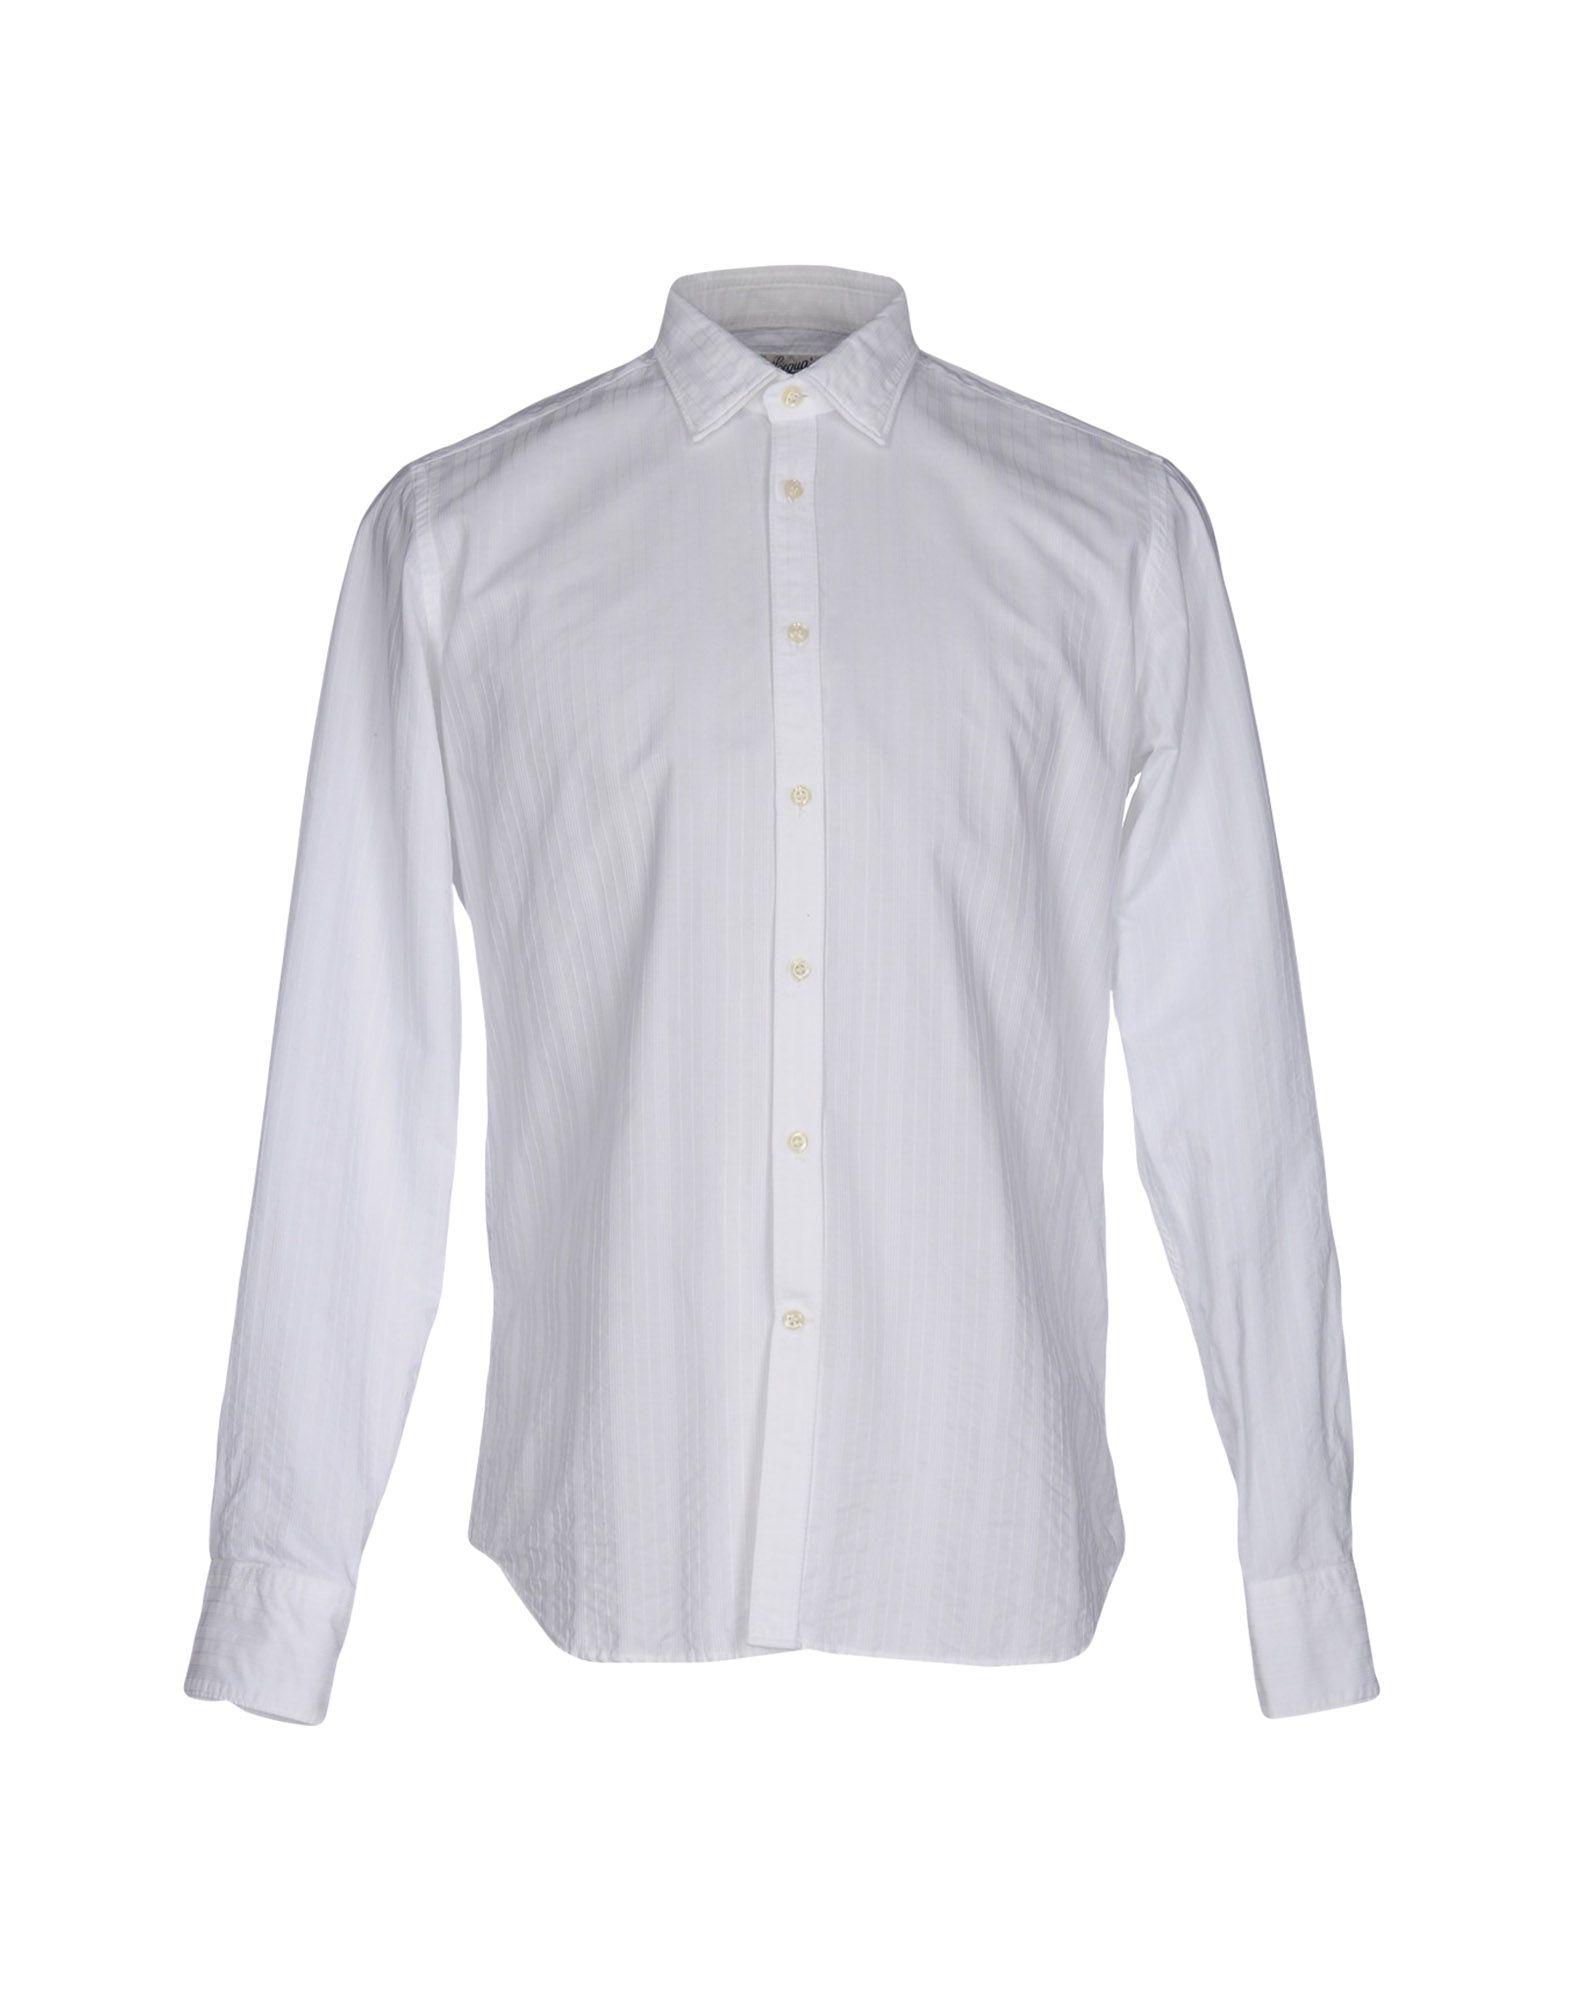 《送料無料》BEVILACQUA メンズ シャツ ホワイト M コットン 100%